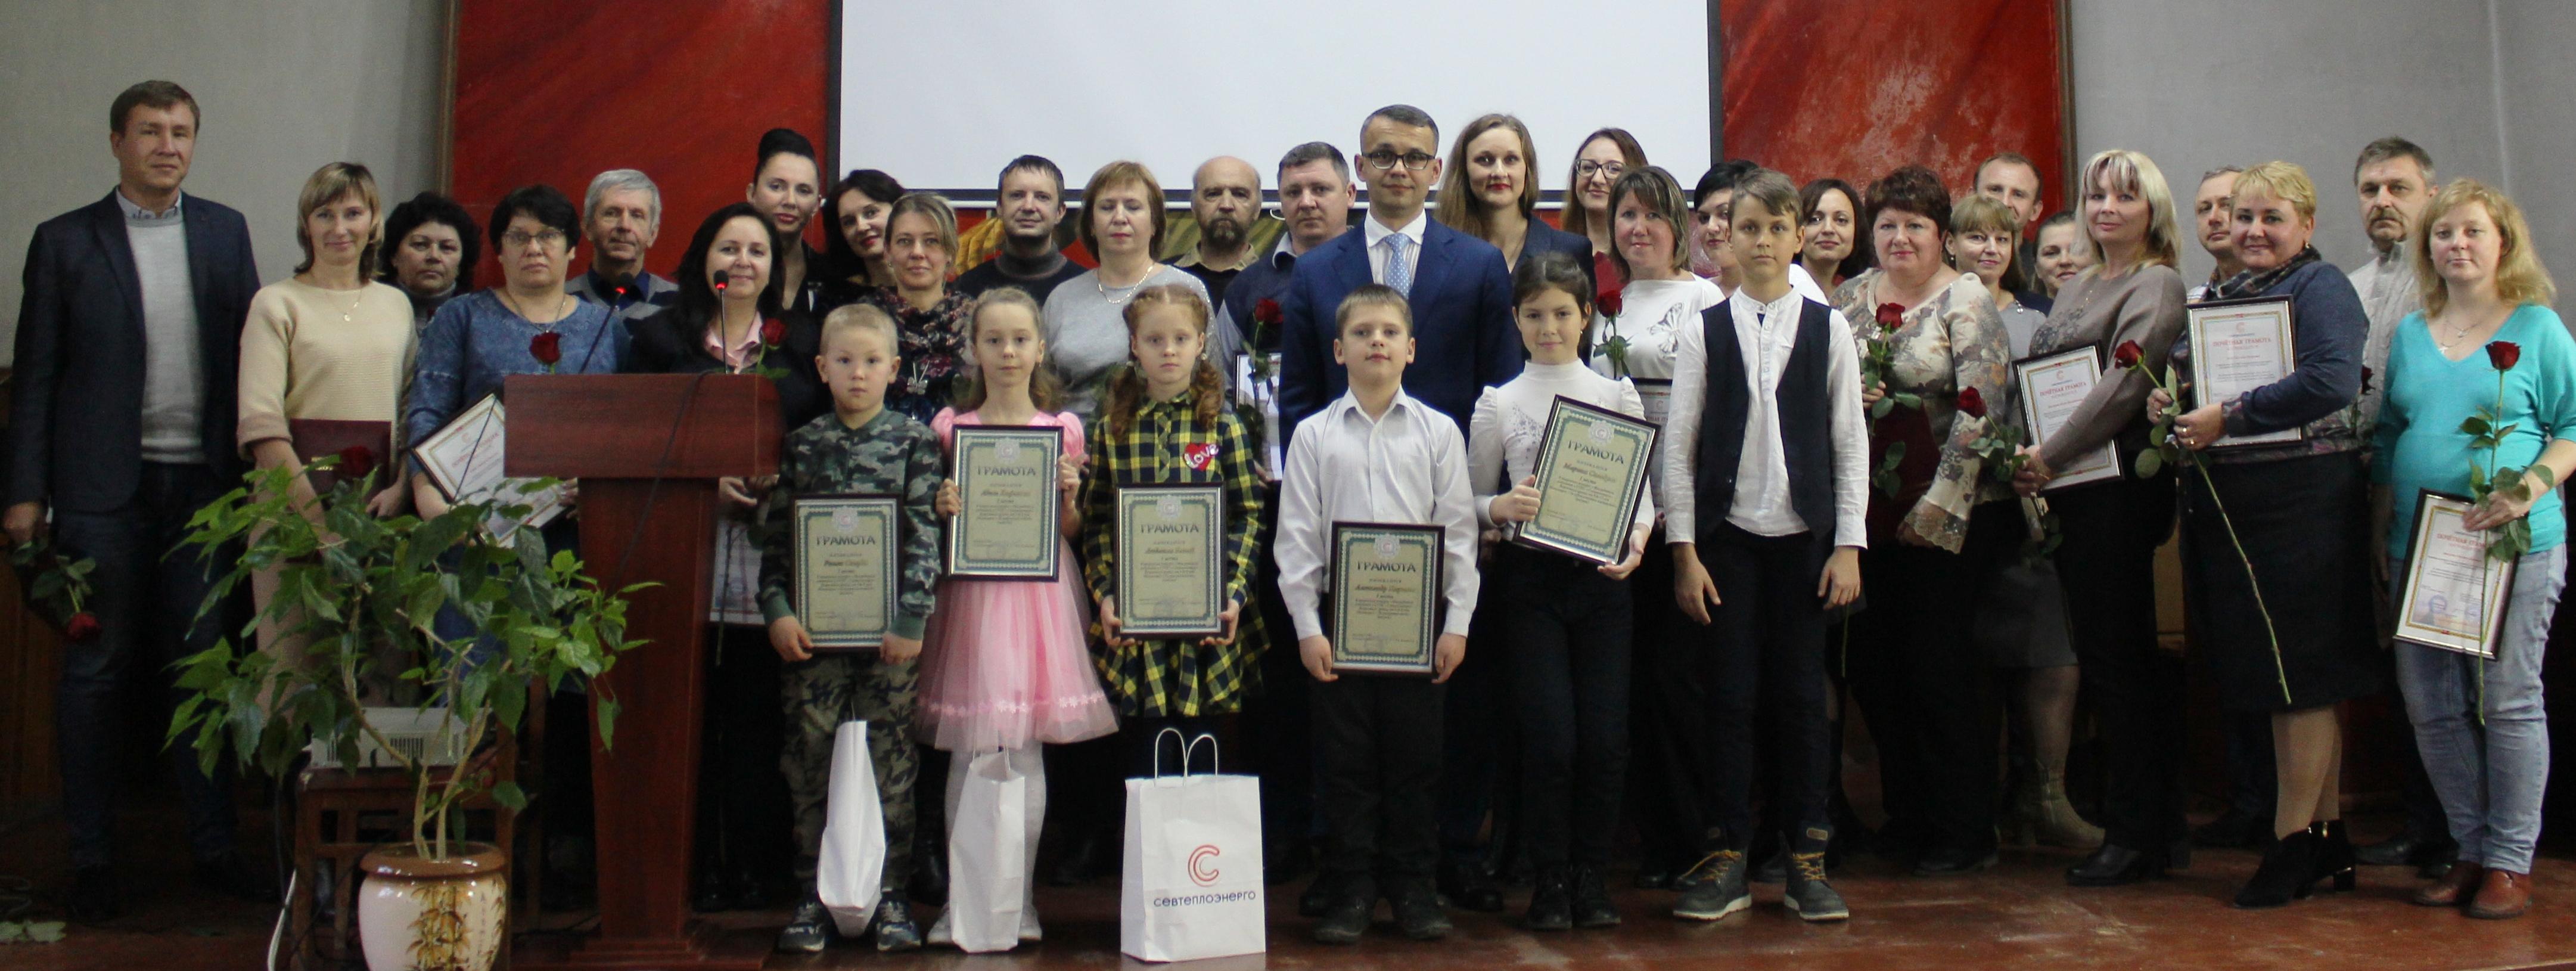 Ко Дню энергетика лучших работников ГУПС «Севтеплоэнерго» отметили высокими наградами